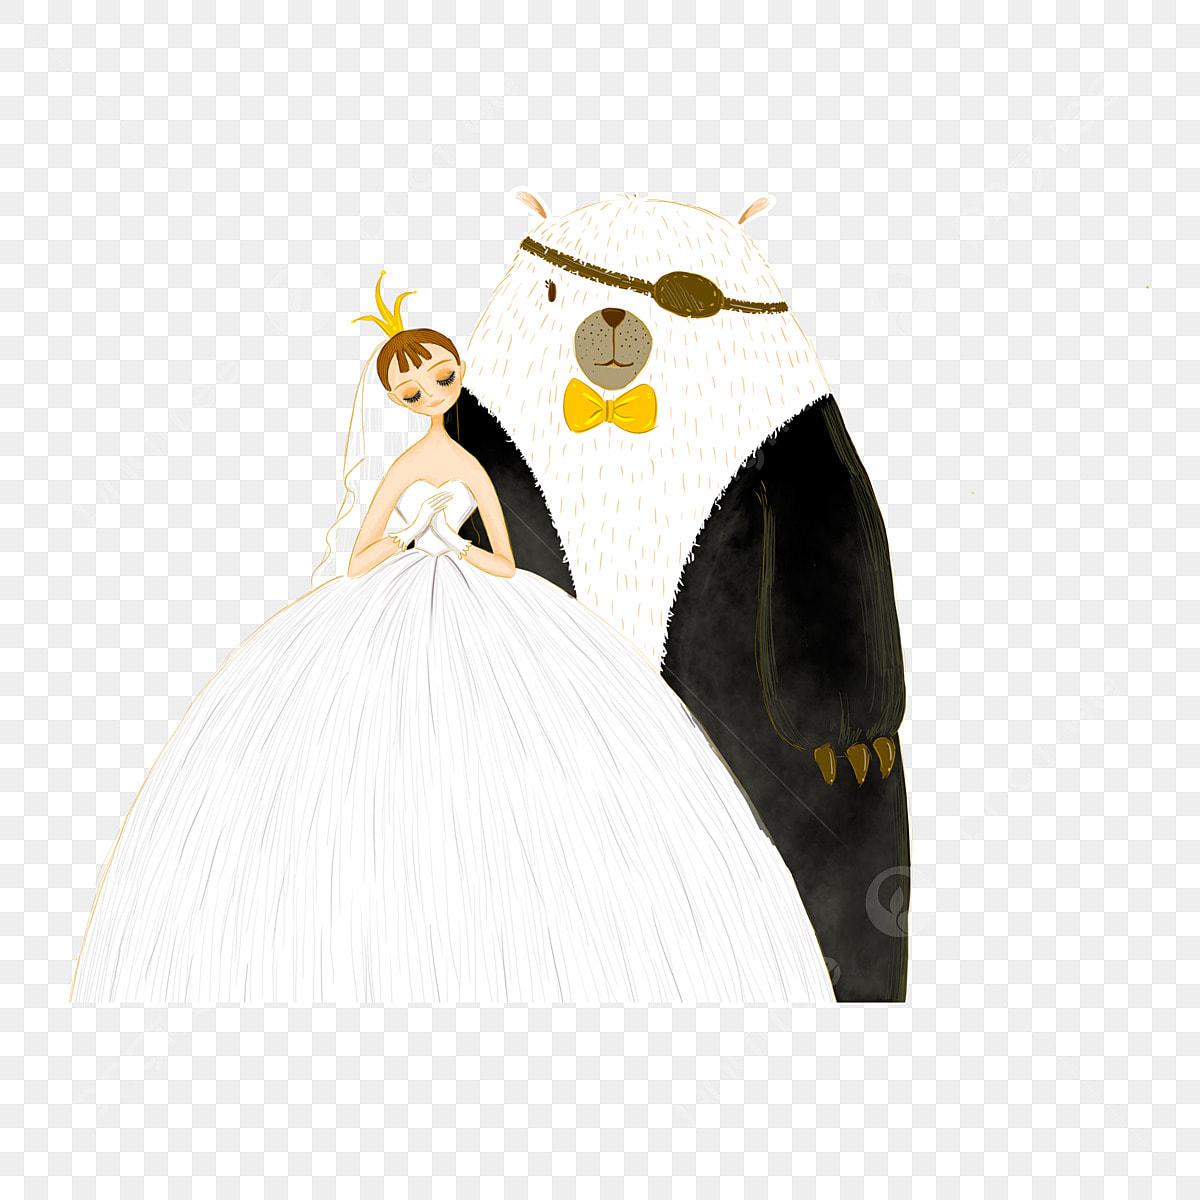 Gambar Gadis Memakai Gaun Pengantin Yang Mahkota Dan Unsur Kartun